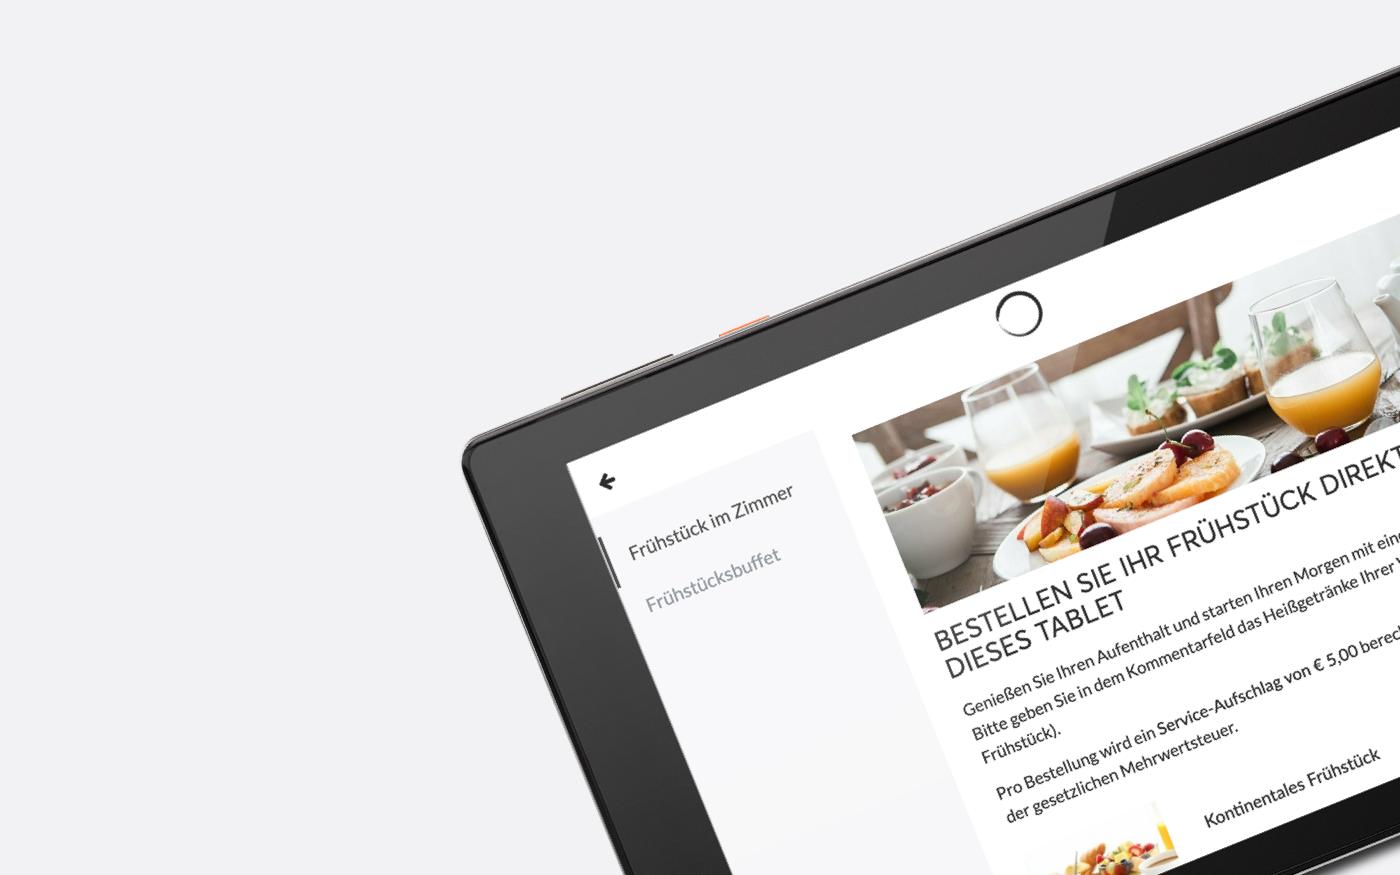 Über das SuitePad Tablet kann man in Zeiten von COVID-19 das Frühstück aufs Zimmer bestellen.